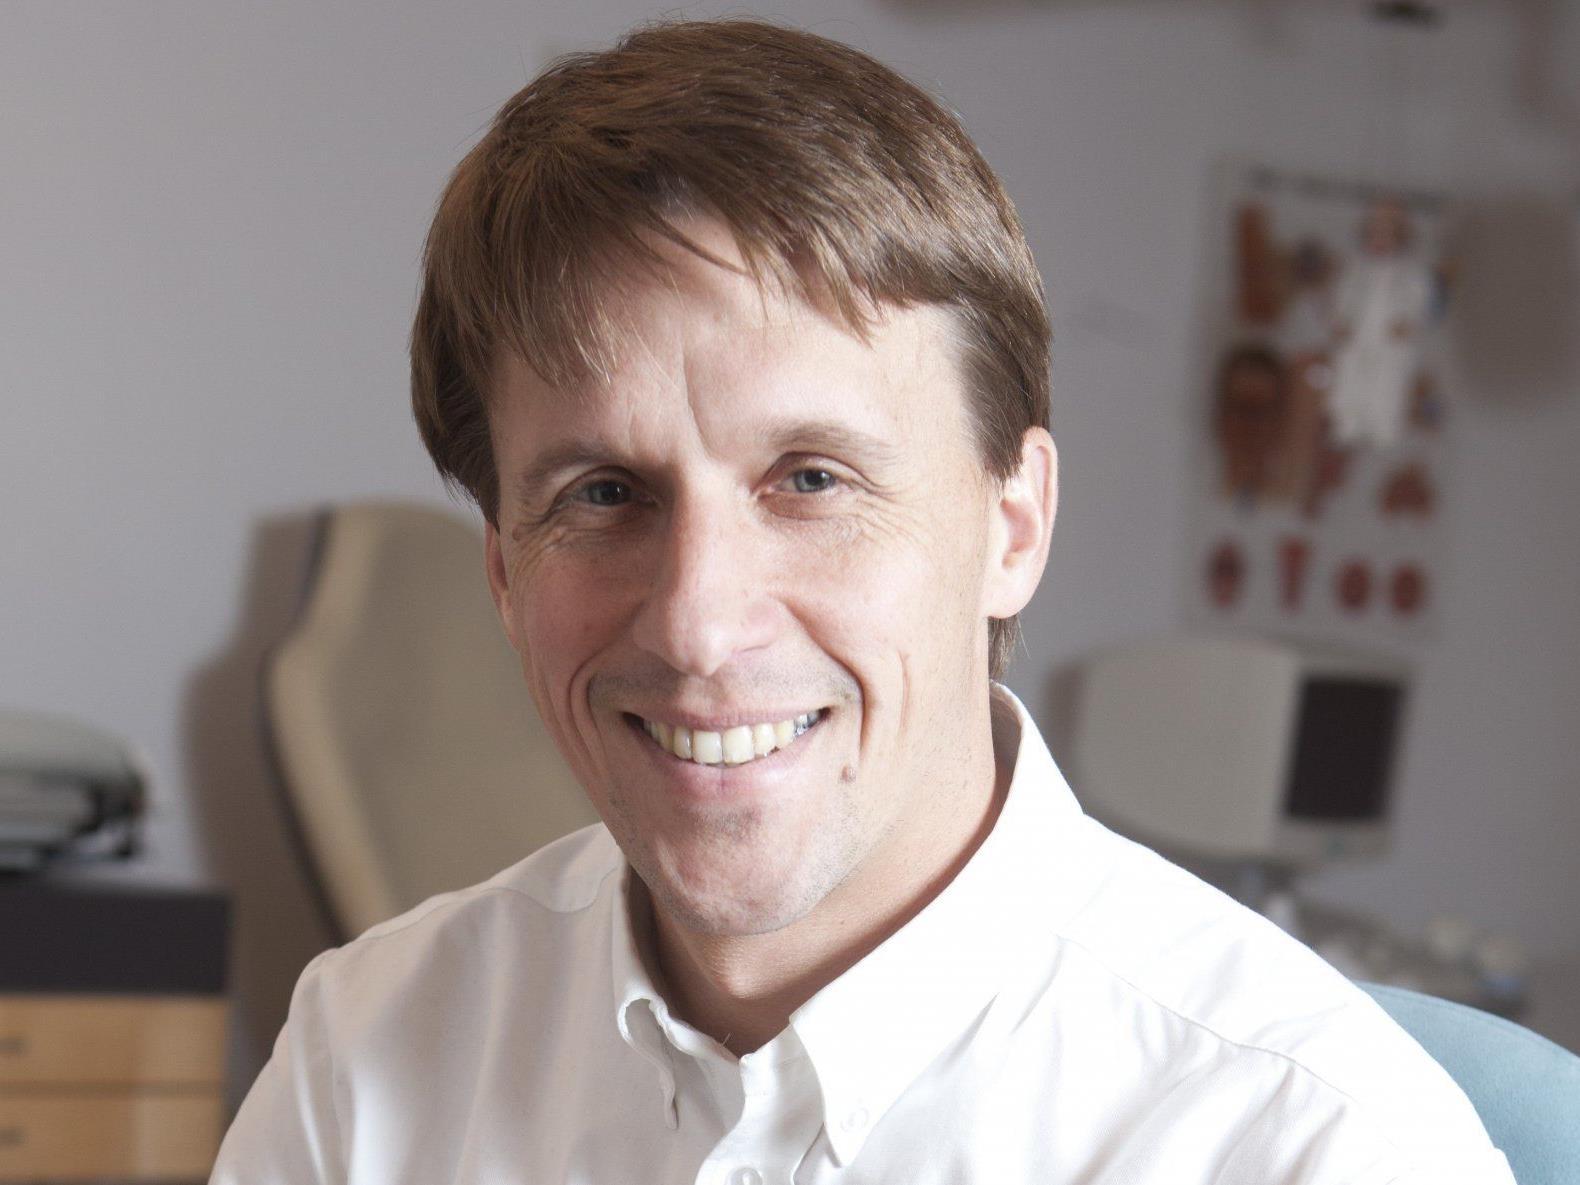 Glaubt fest an die Zukunft des Hausarztes: Dr. Hannes Feurstein.